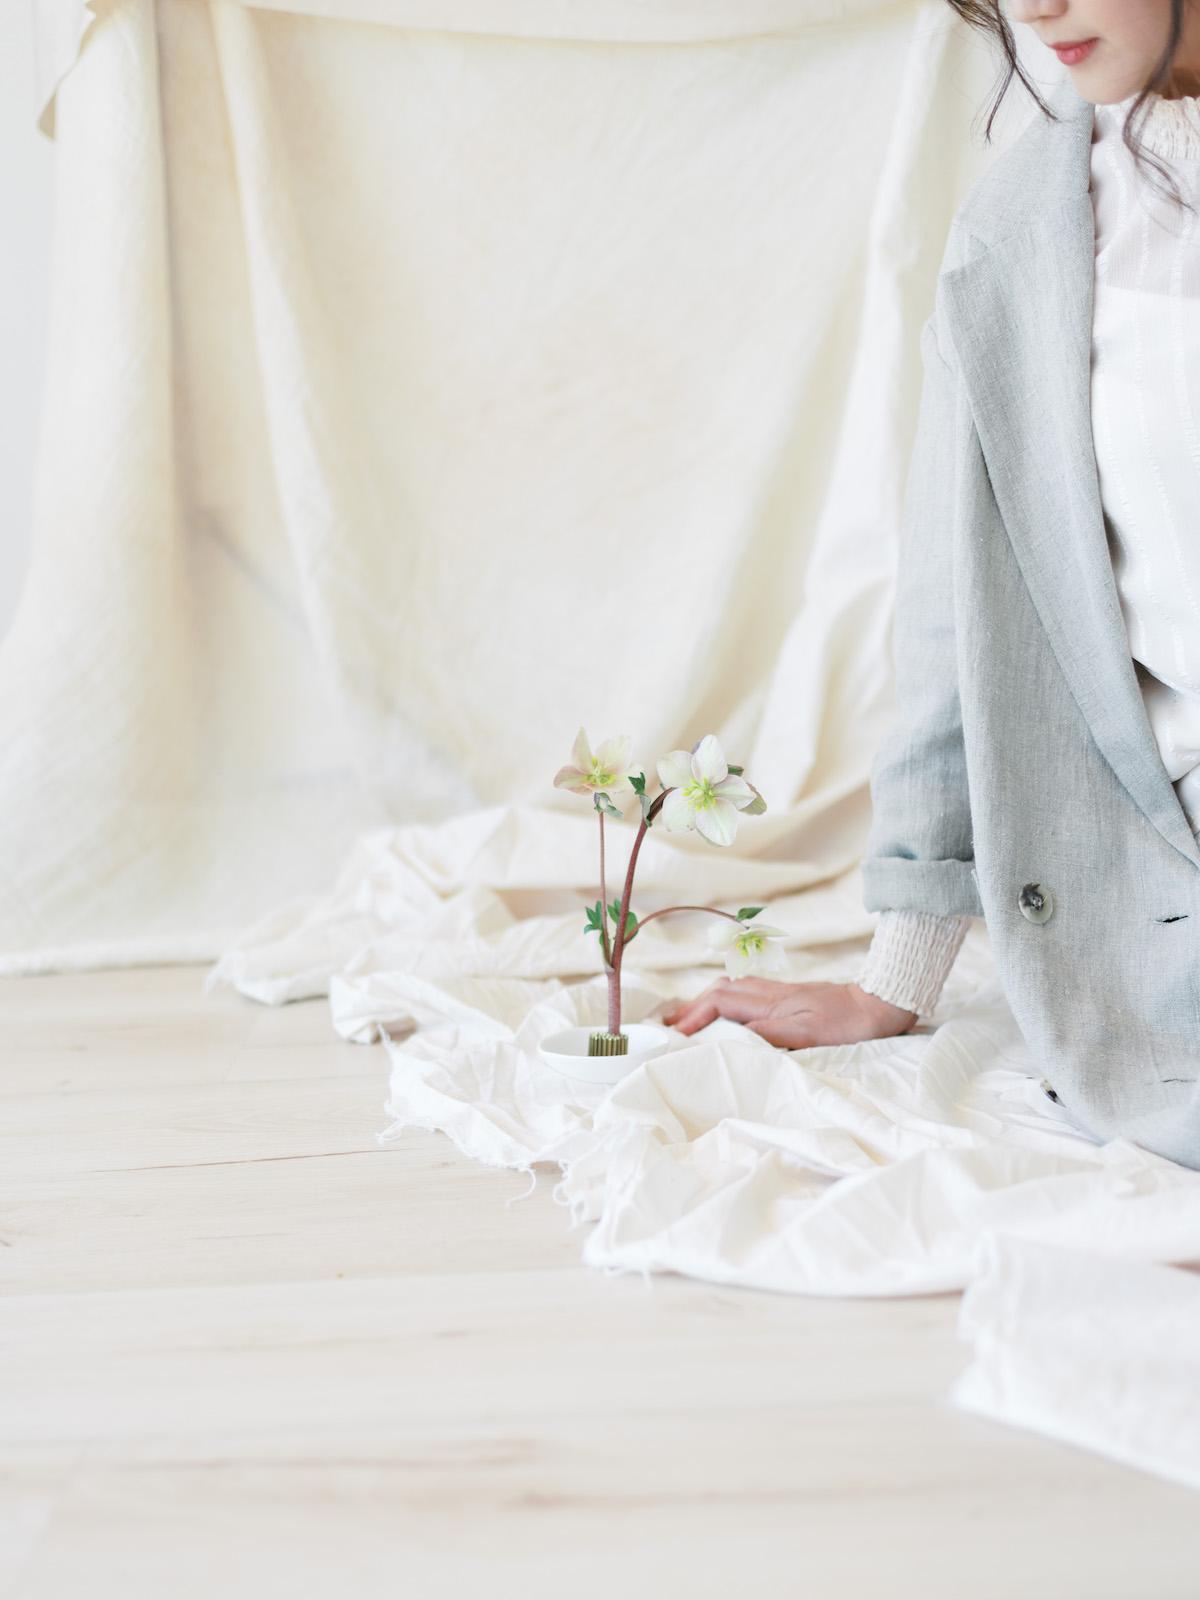 olea-and-fig-blooming-wed-brand-shoot-106.jpg